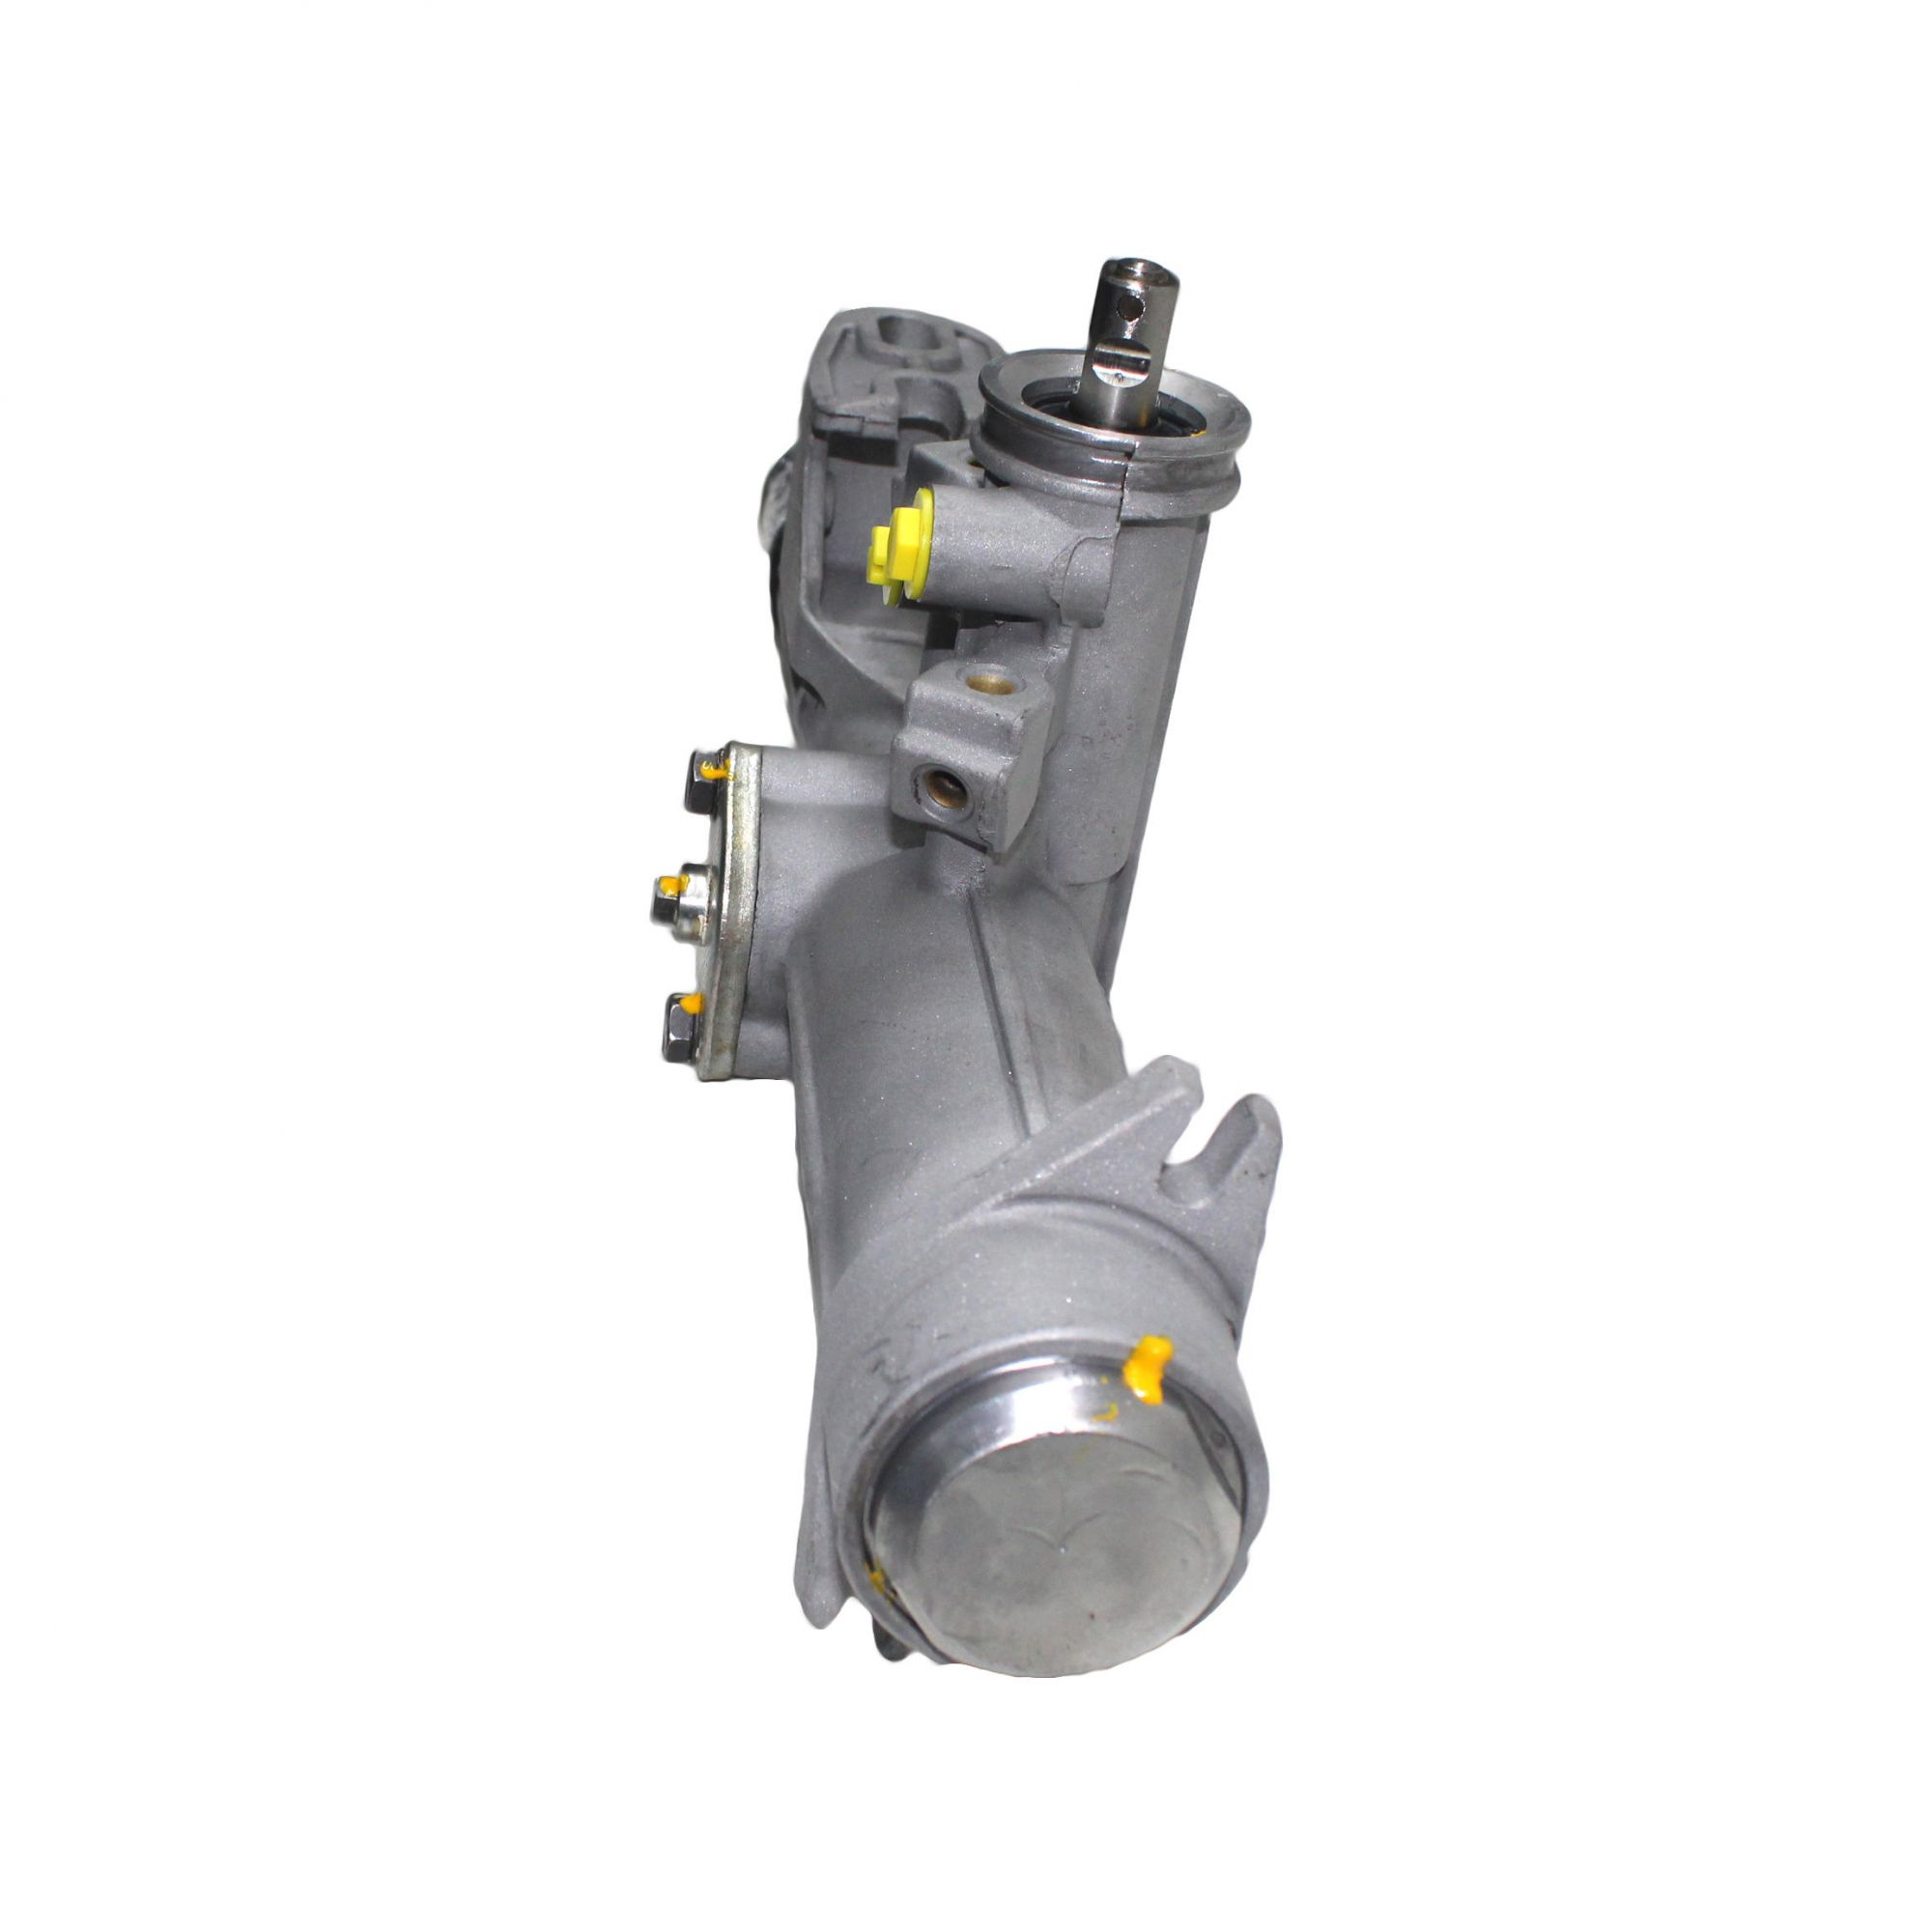 Caixa Direção Hidraulica TRW Gol, Saveiro, Parati - G2, G3, G4